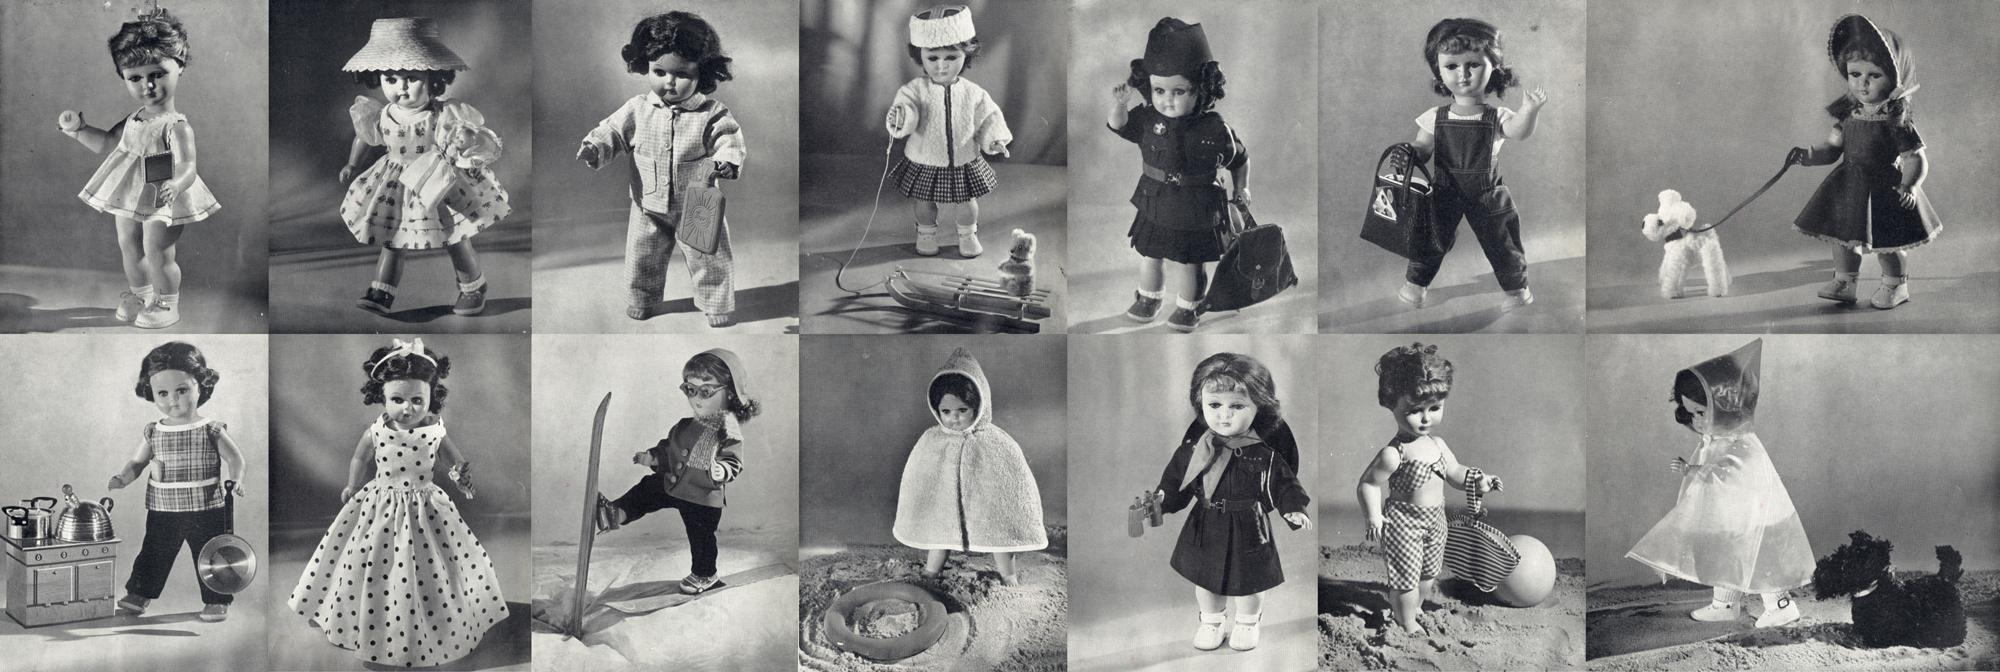 l'armée de poupées  de Goldmund et  du Blaps